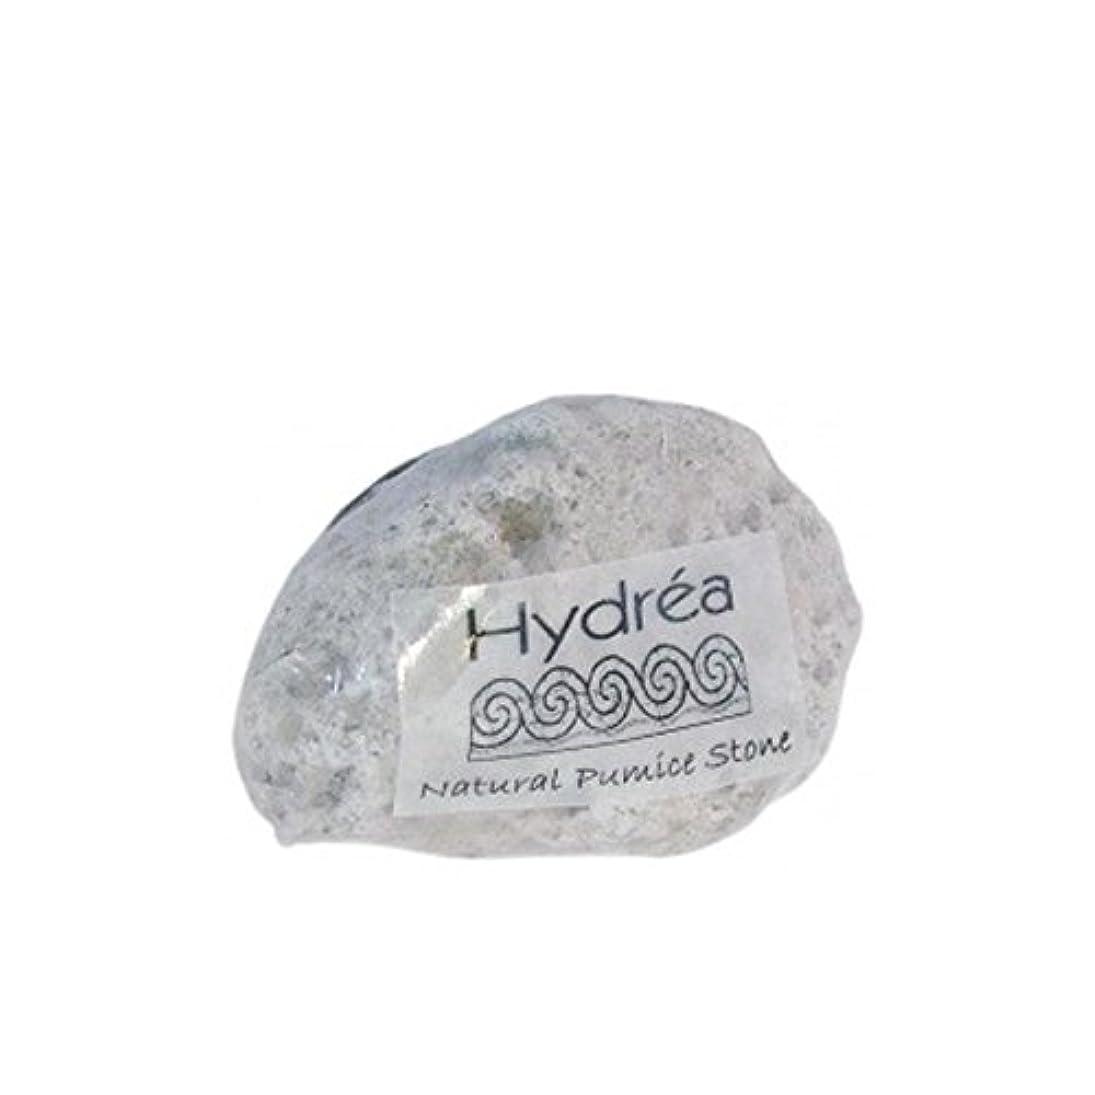 南方のアライアンスアーチHydrea London - Natural Pumice Stone (Pack of 6) - ハイドレアロンドン - 自然軽石 x6 [並行輸入品]